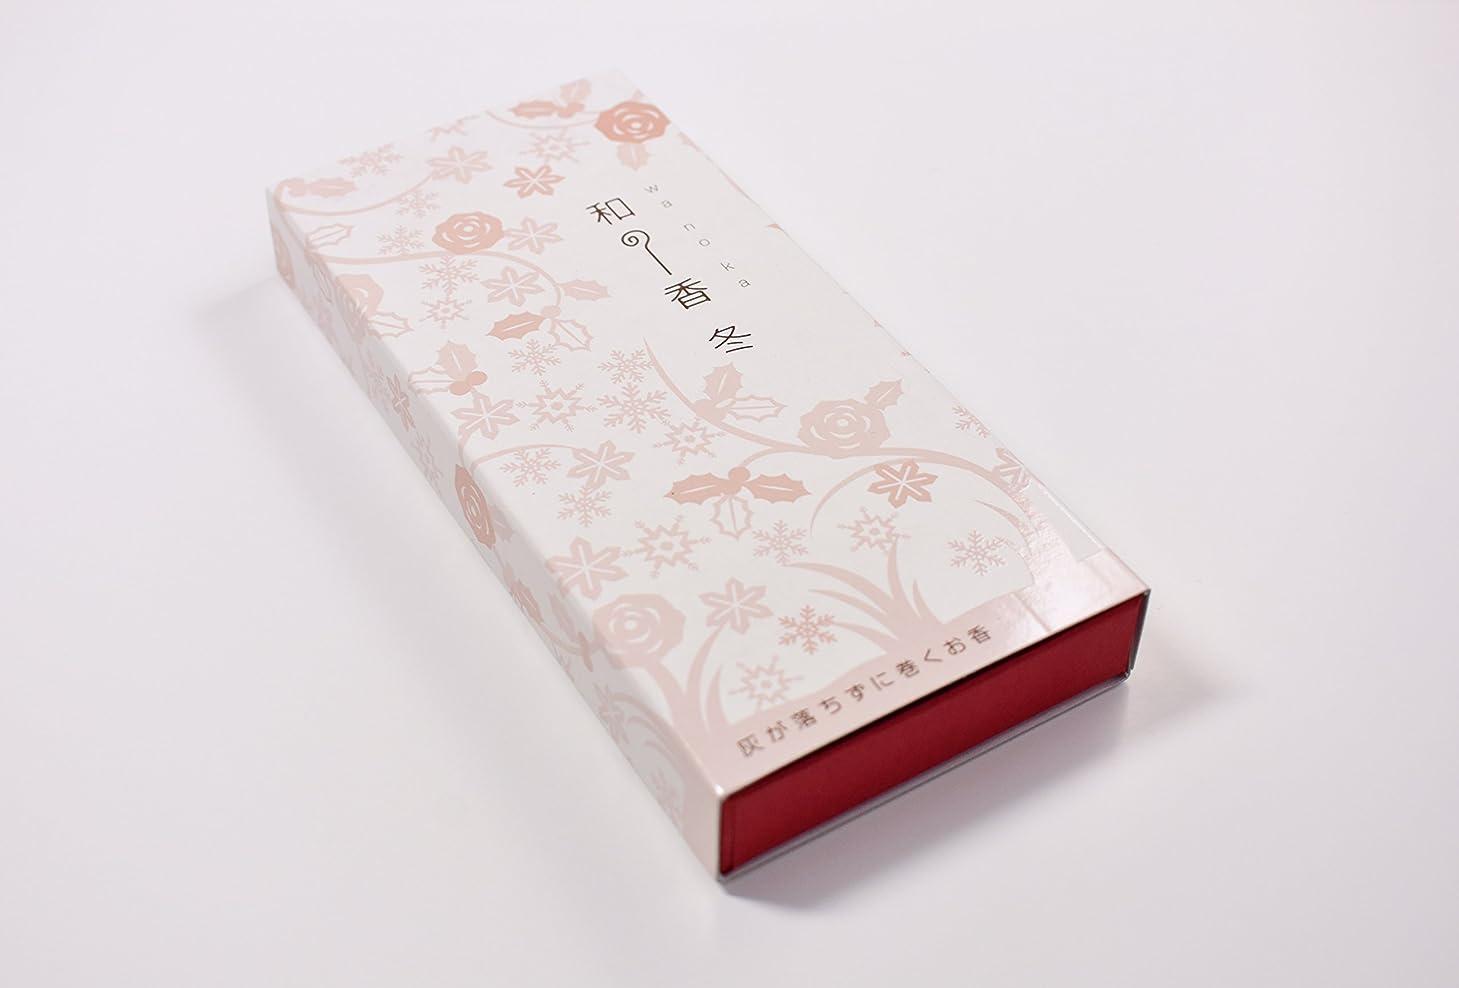 訪問ピラミッドブリード流川香(Ryusenko) ピンク お香長さ14cm